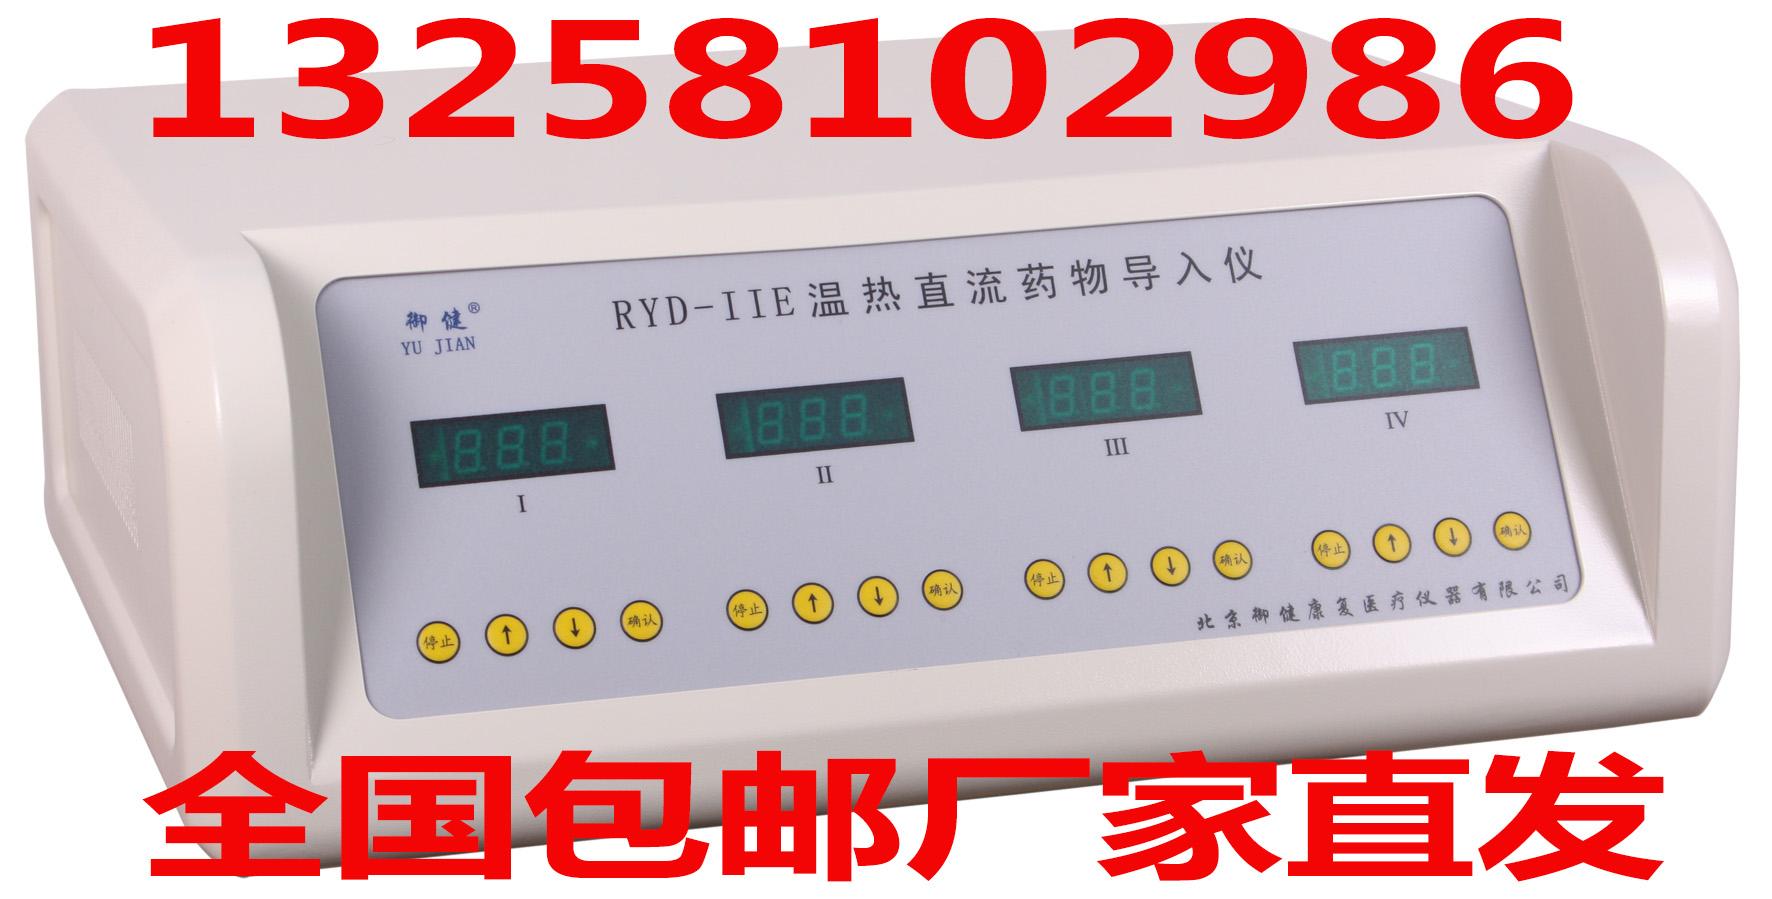 RYD-IIE温热直流药物导入仪销售